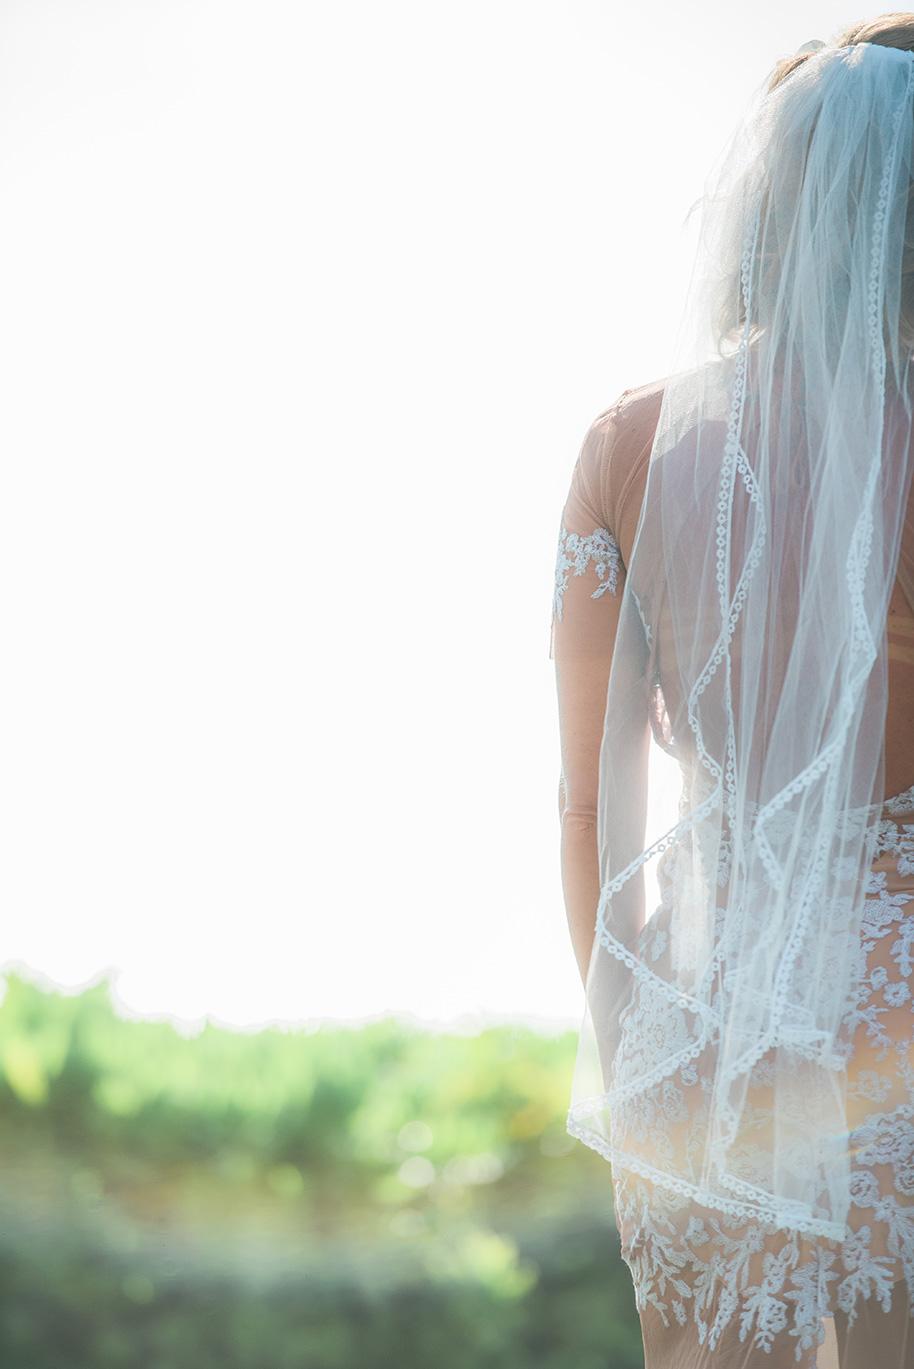 Lanikuhonua-Wedding-052316-15.jpg